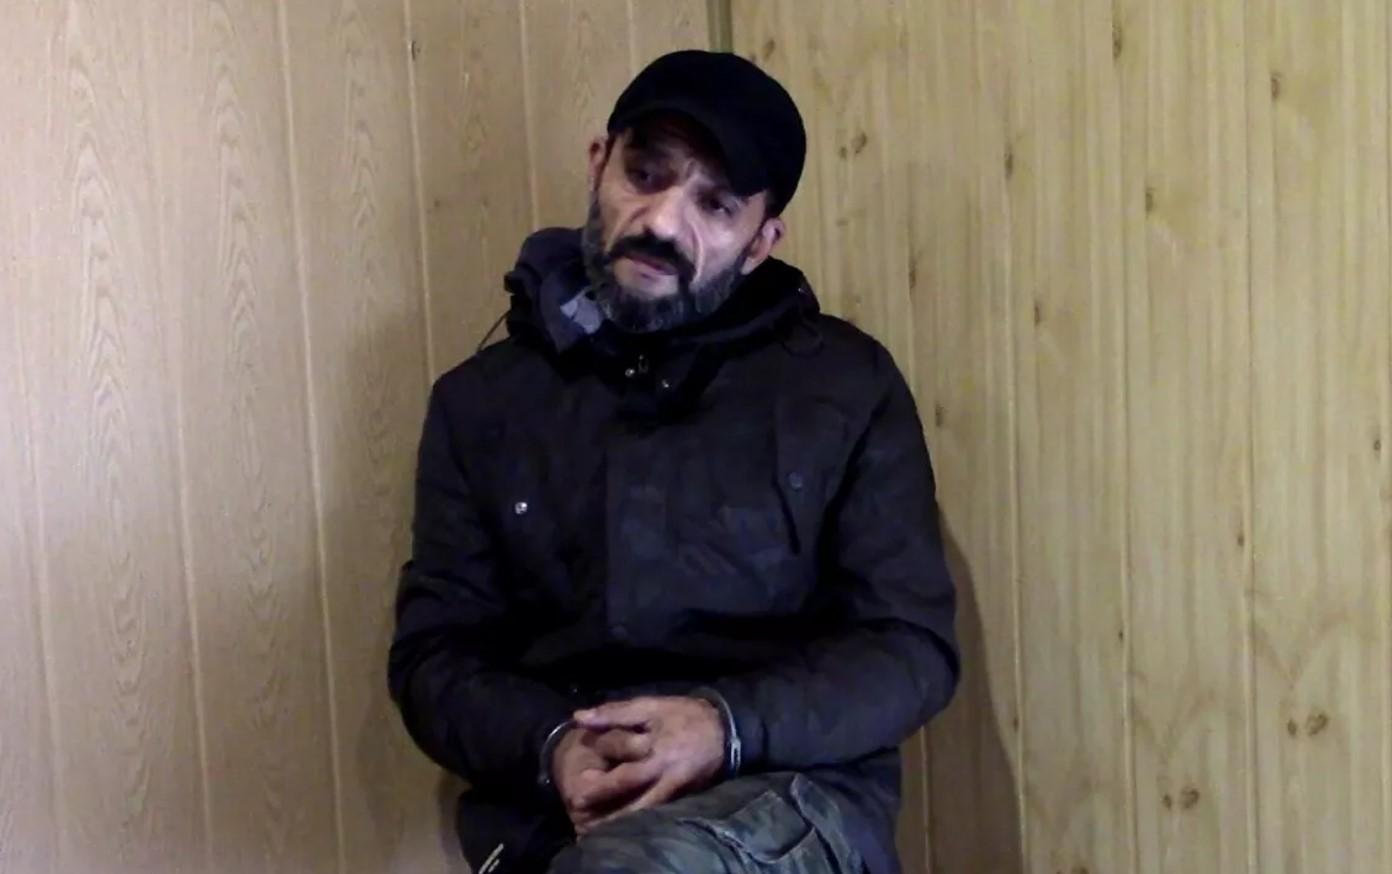 ФСБ сообщила о задержании узбекистанца, работавшего на украинских силовиков (видео)